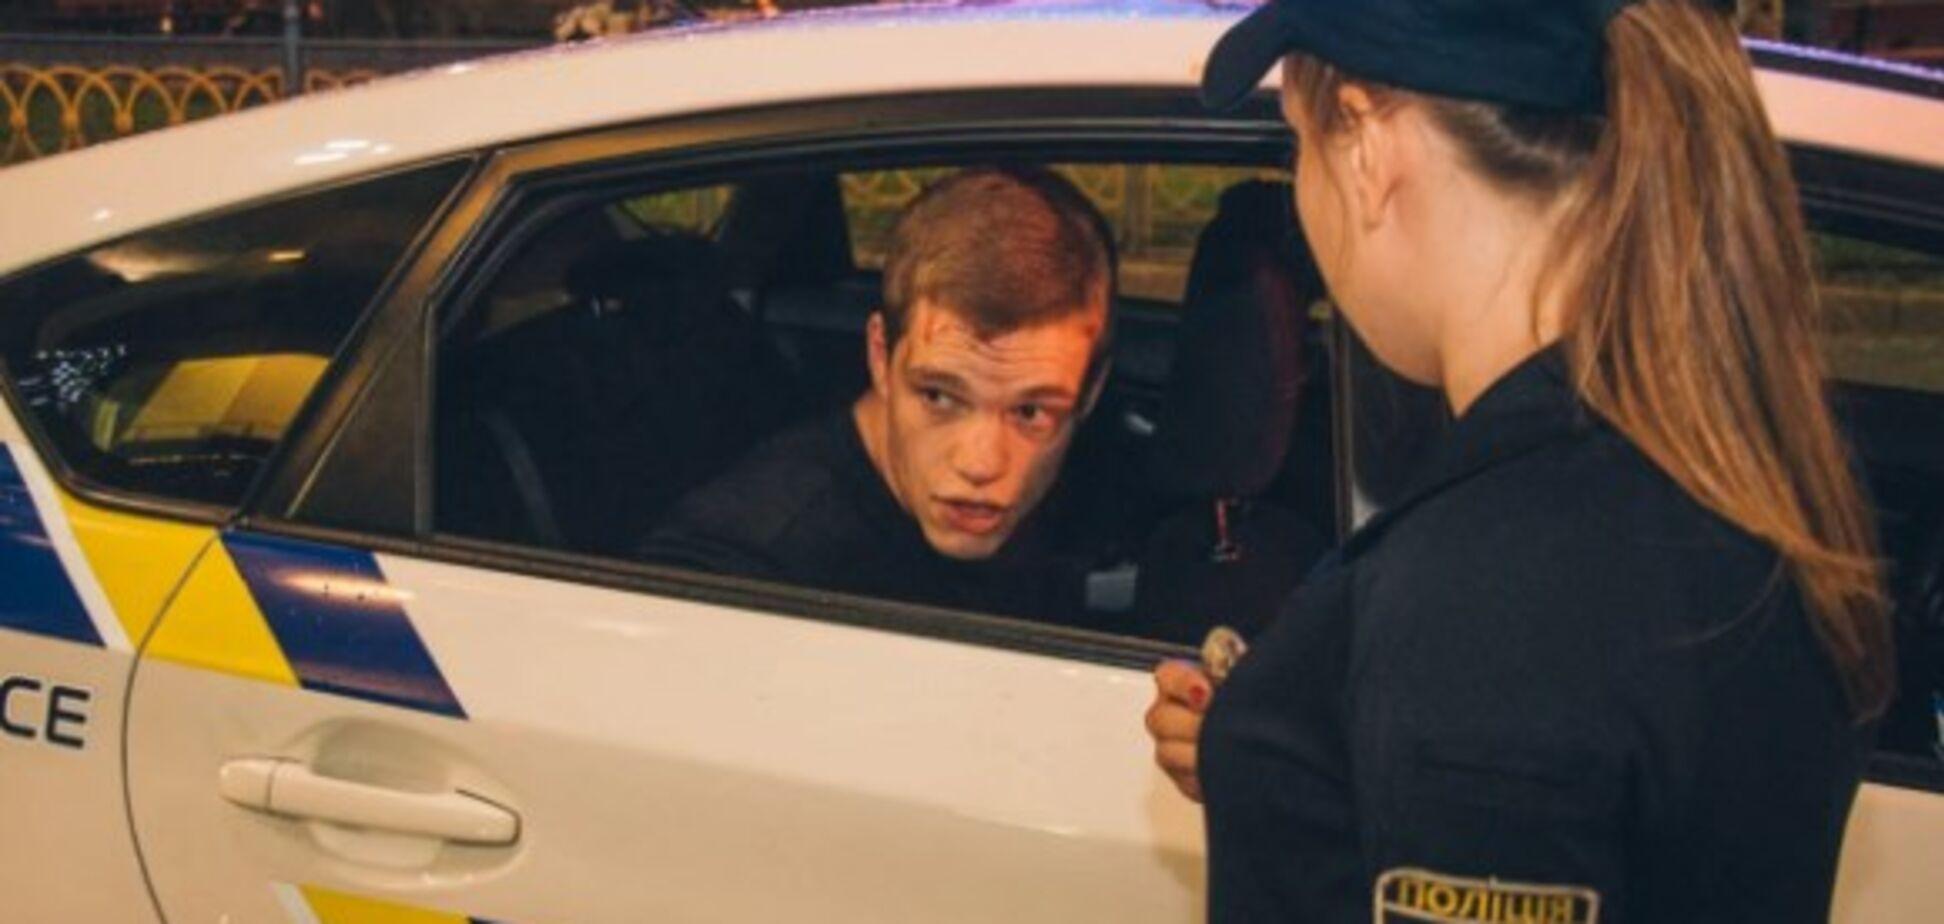 Хто ганяв по дорогах, той і ганятиме: коли покарають мажорів за смертельні ДТП?